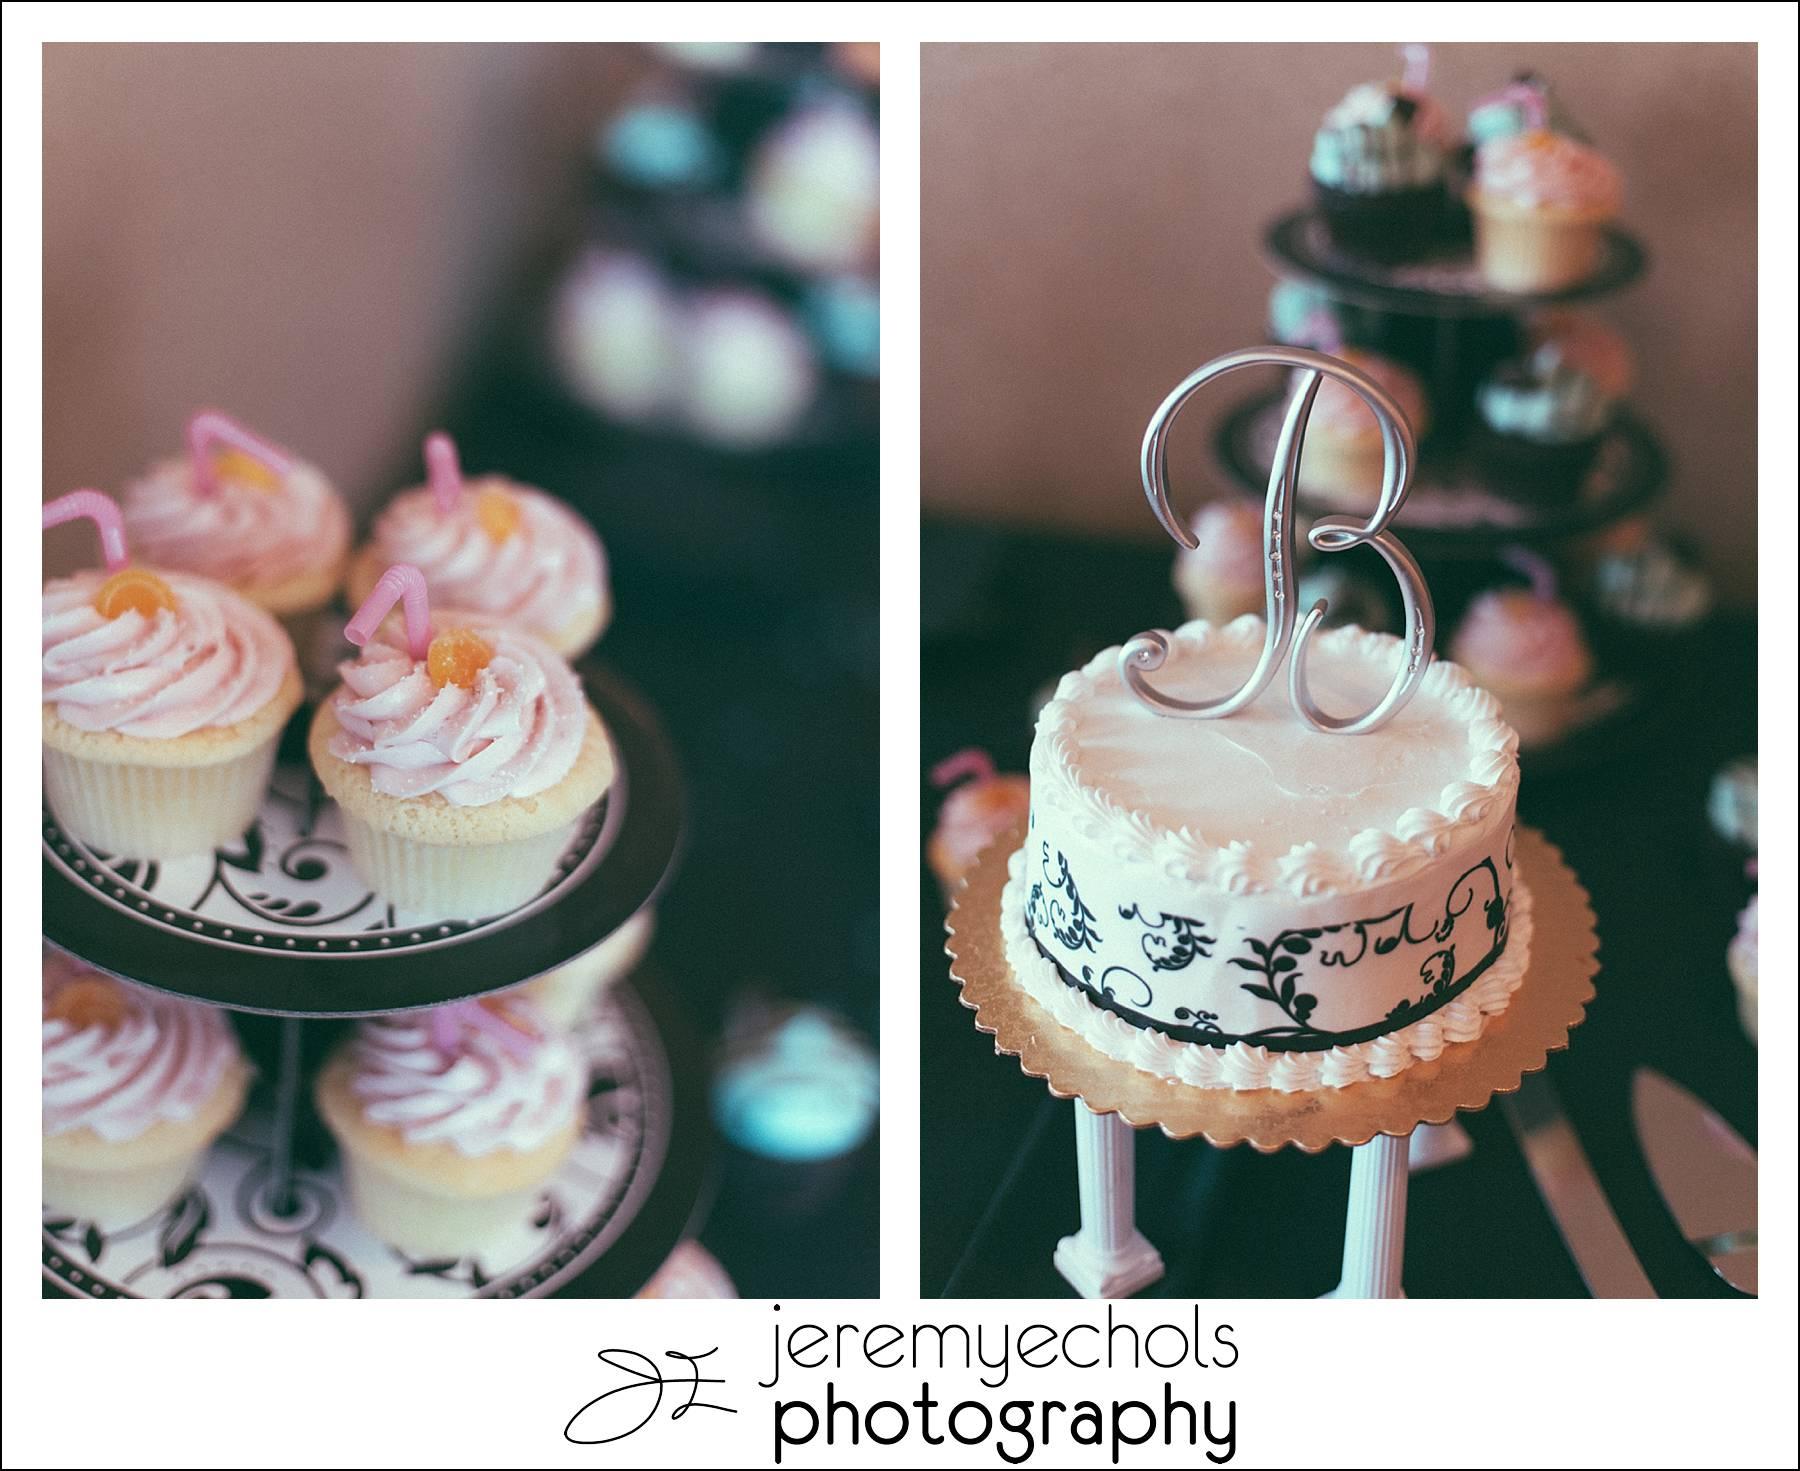 Marcus-Chelsea-Tacoma-Wedding-Photography-186_WEB.jpg